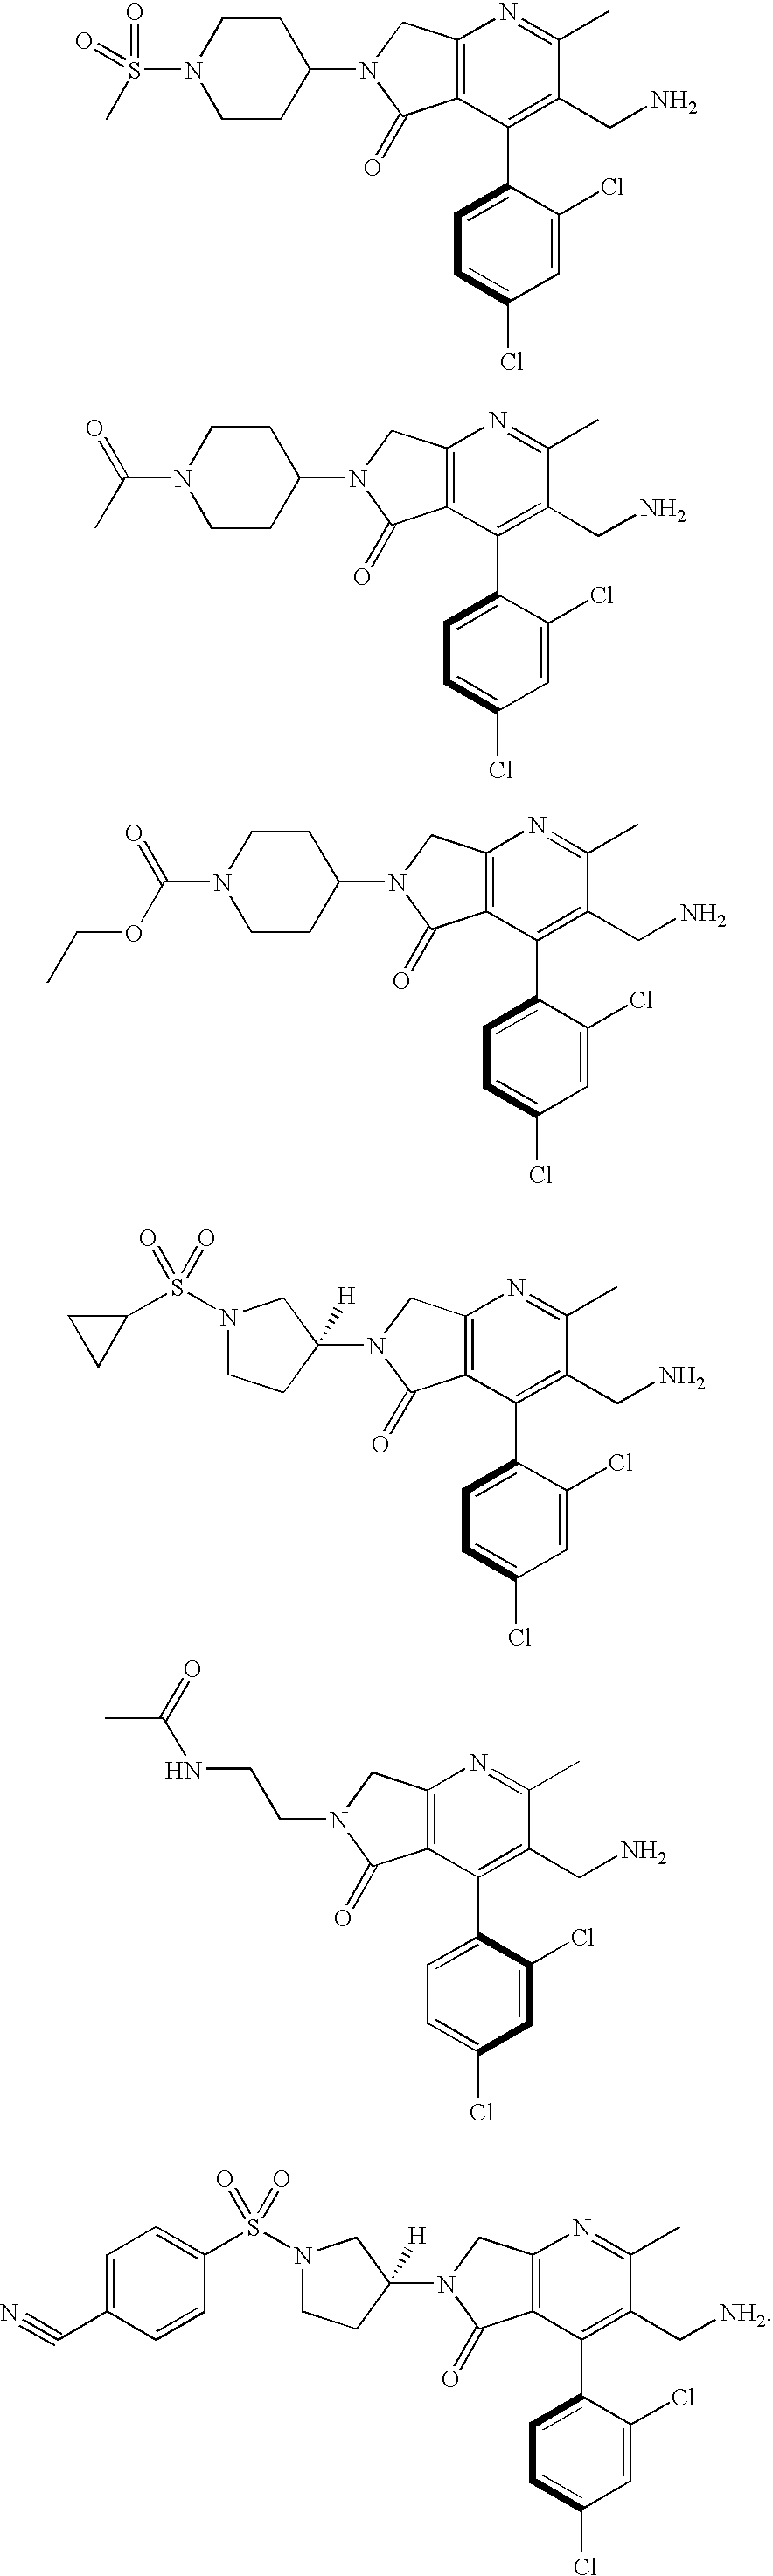 Figure US07521557-20090421-C00027